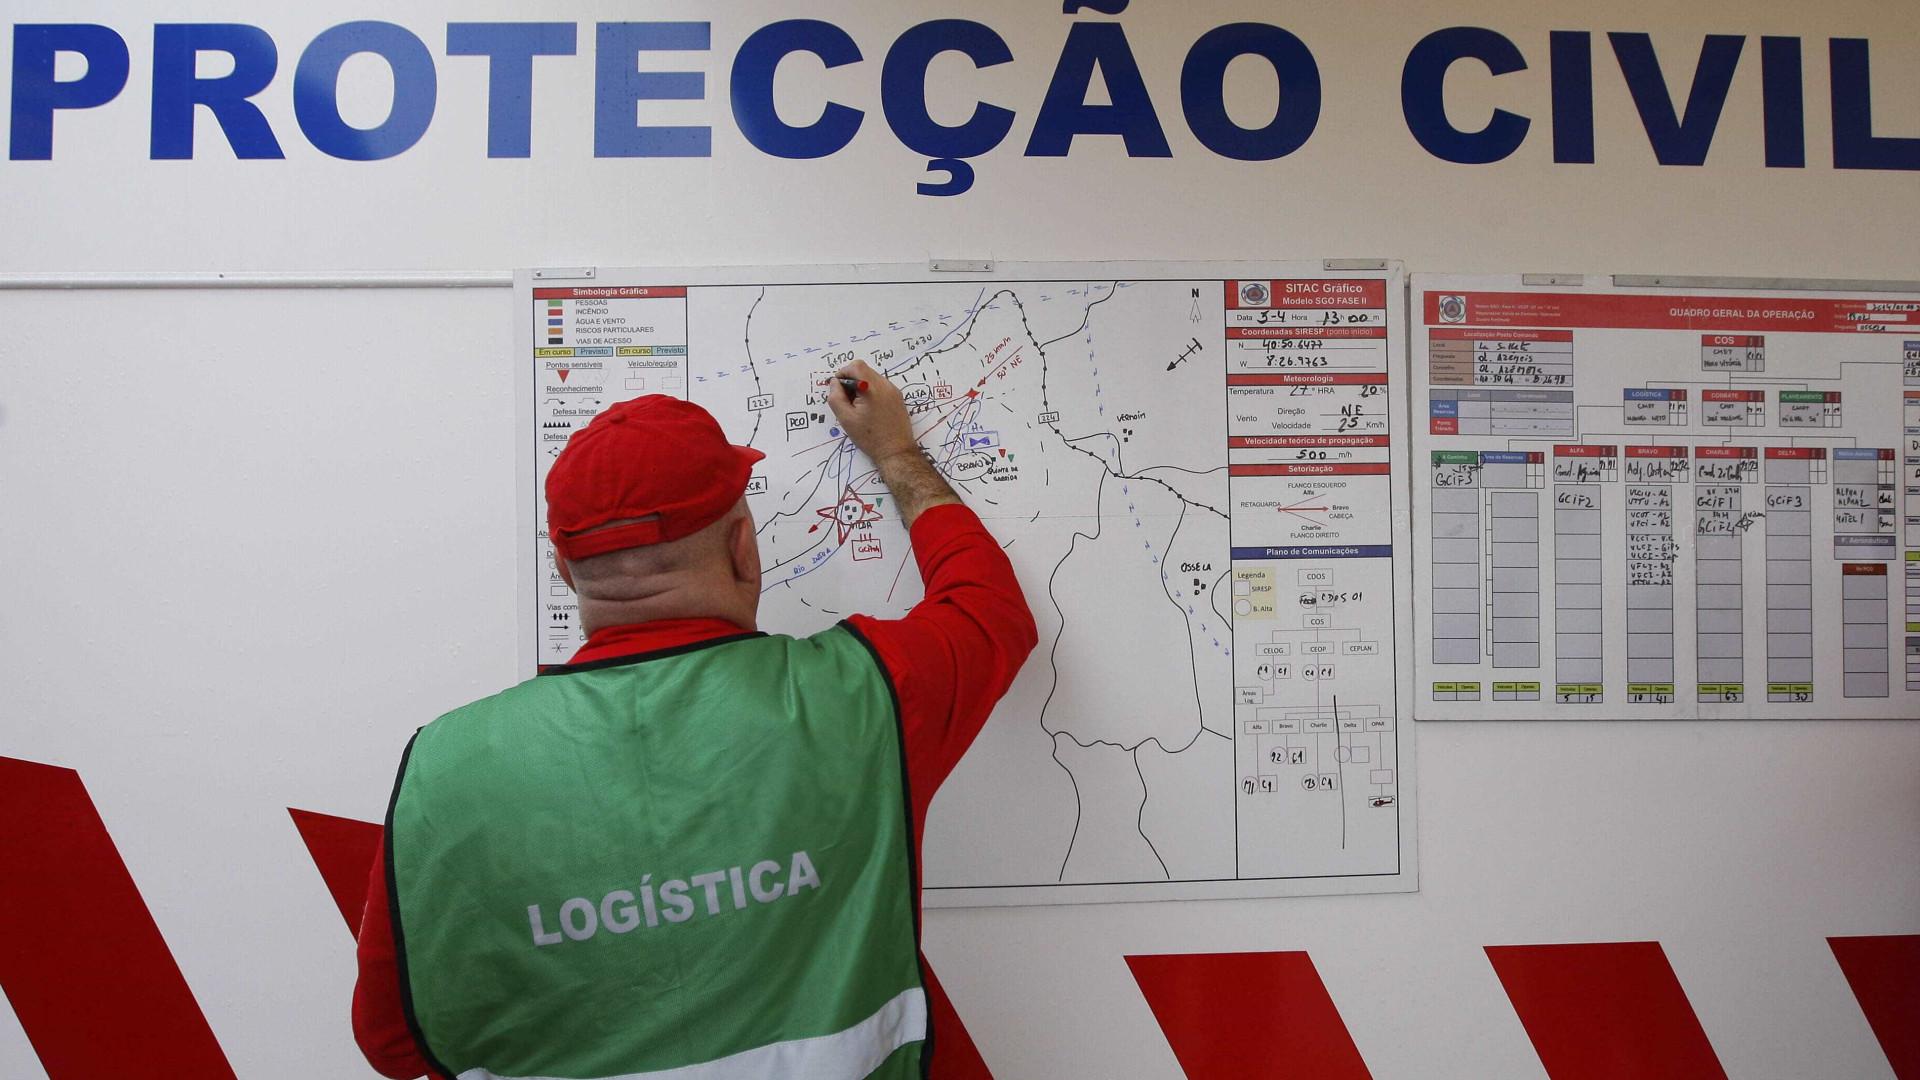 Madeira pretende melhorar remunerações e condições da proteção civil